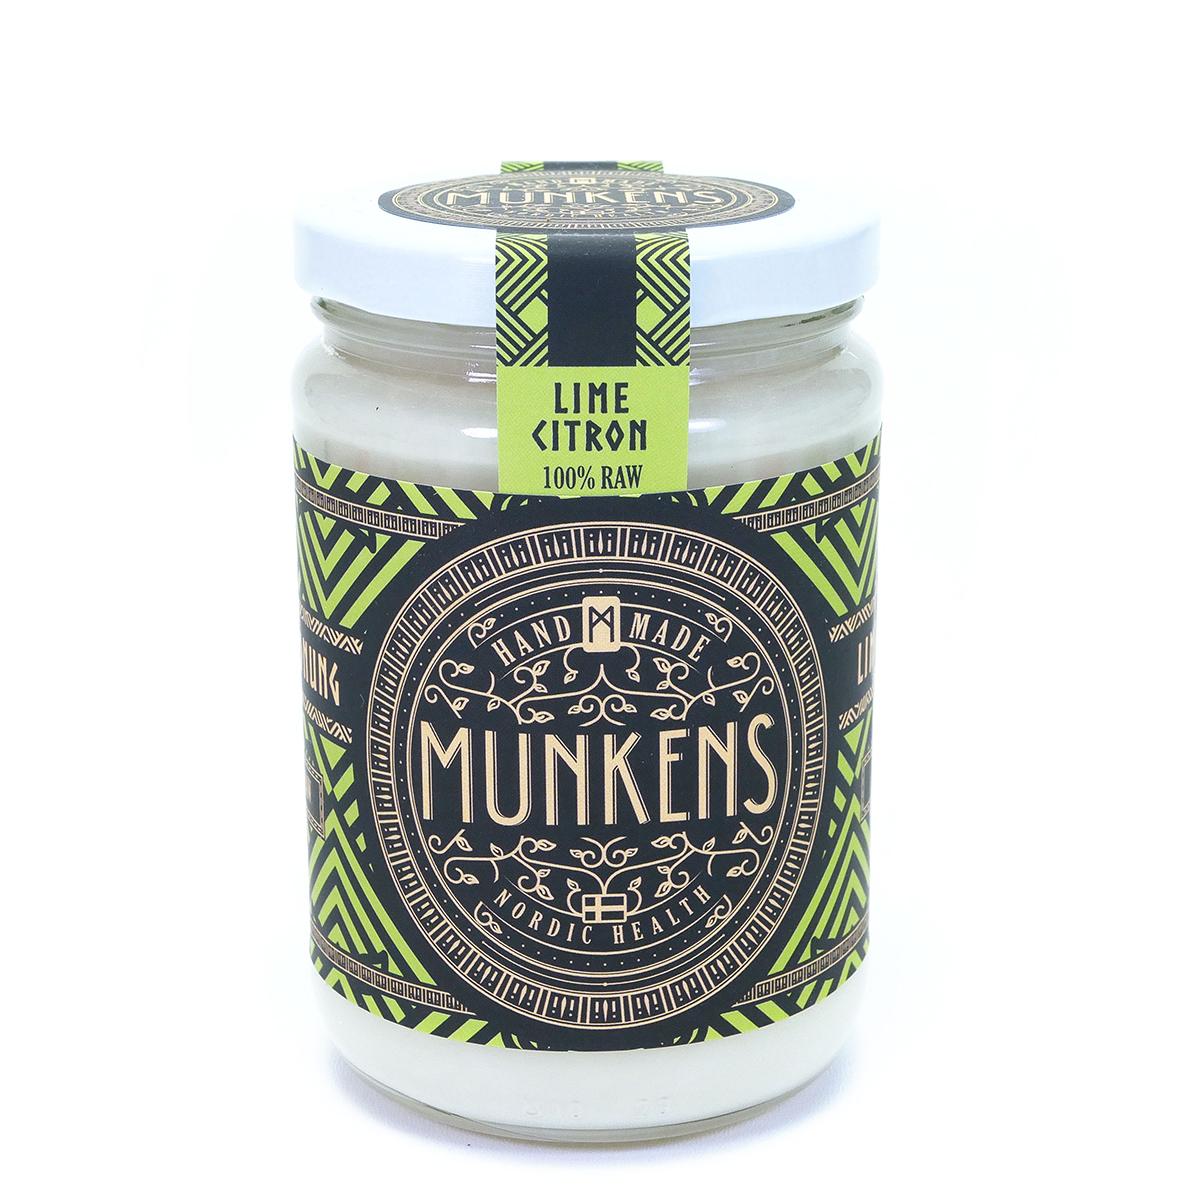 Munken_Svensk_Honung_Lime_Citron_500g